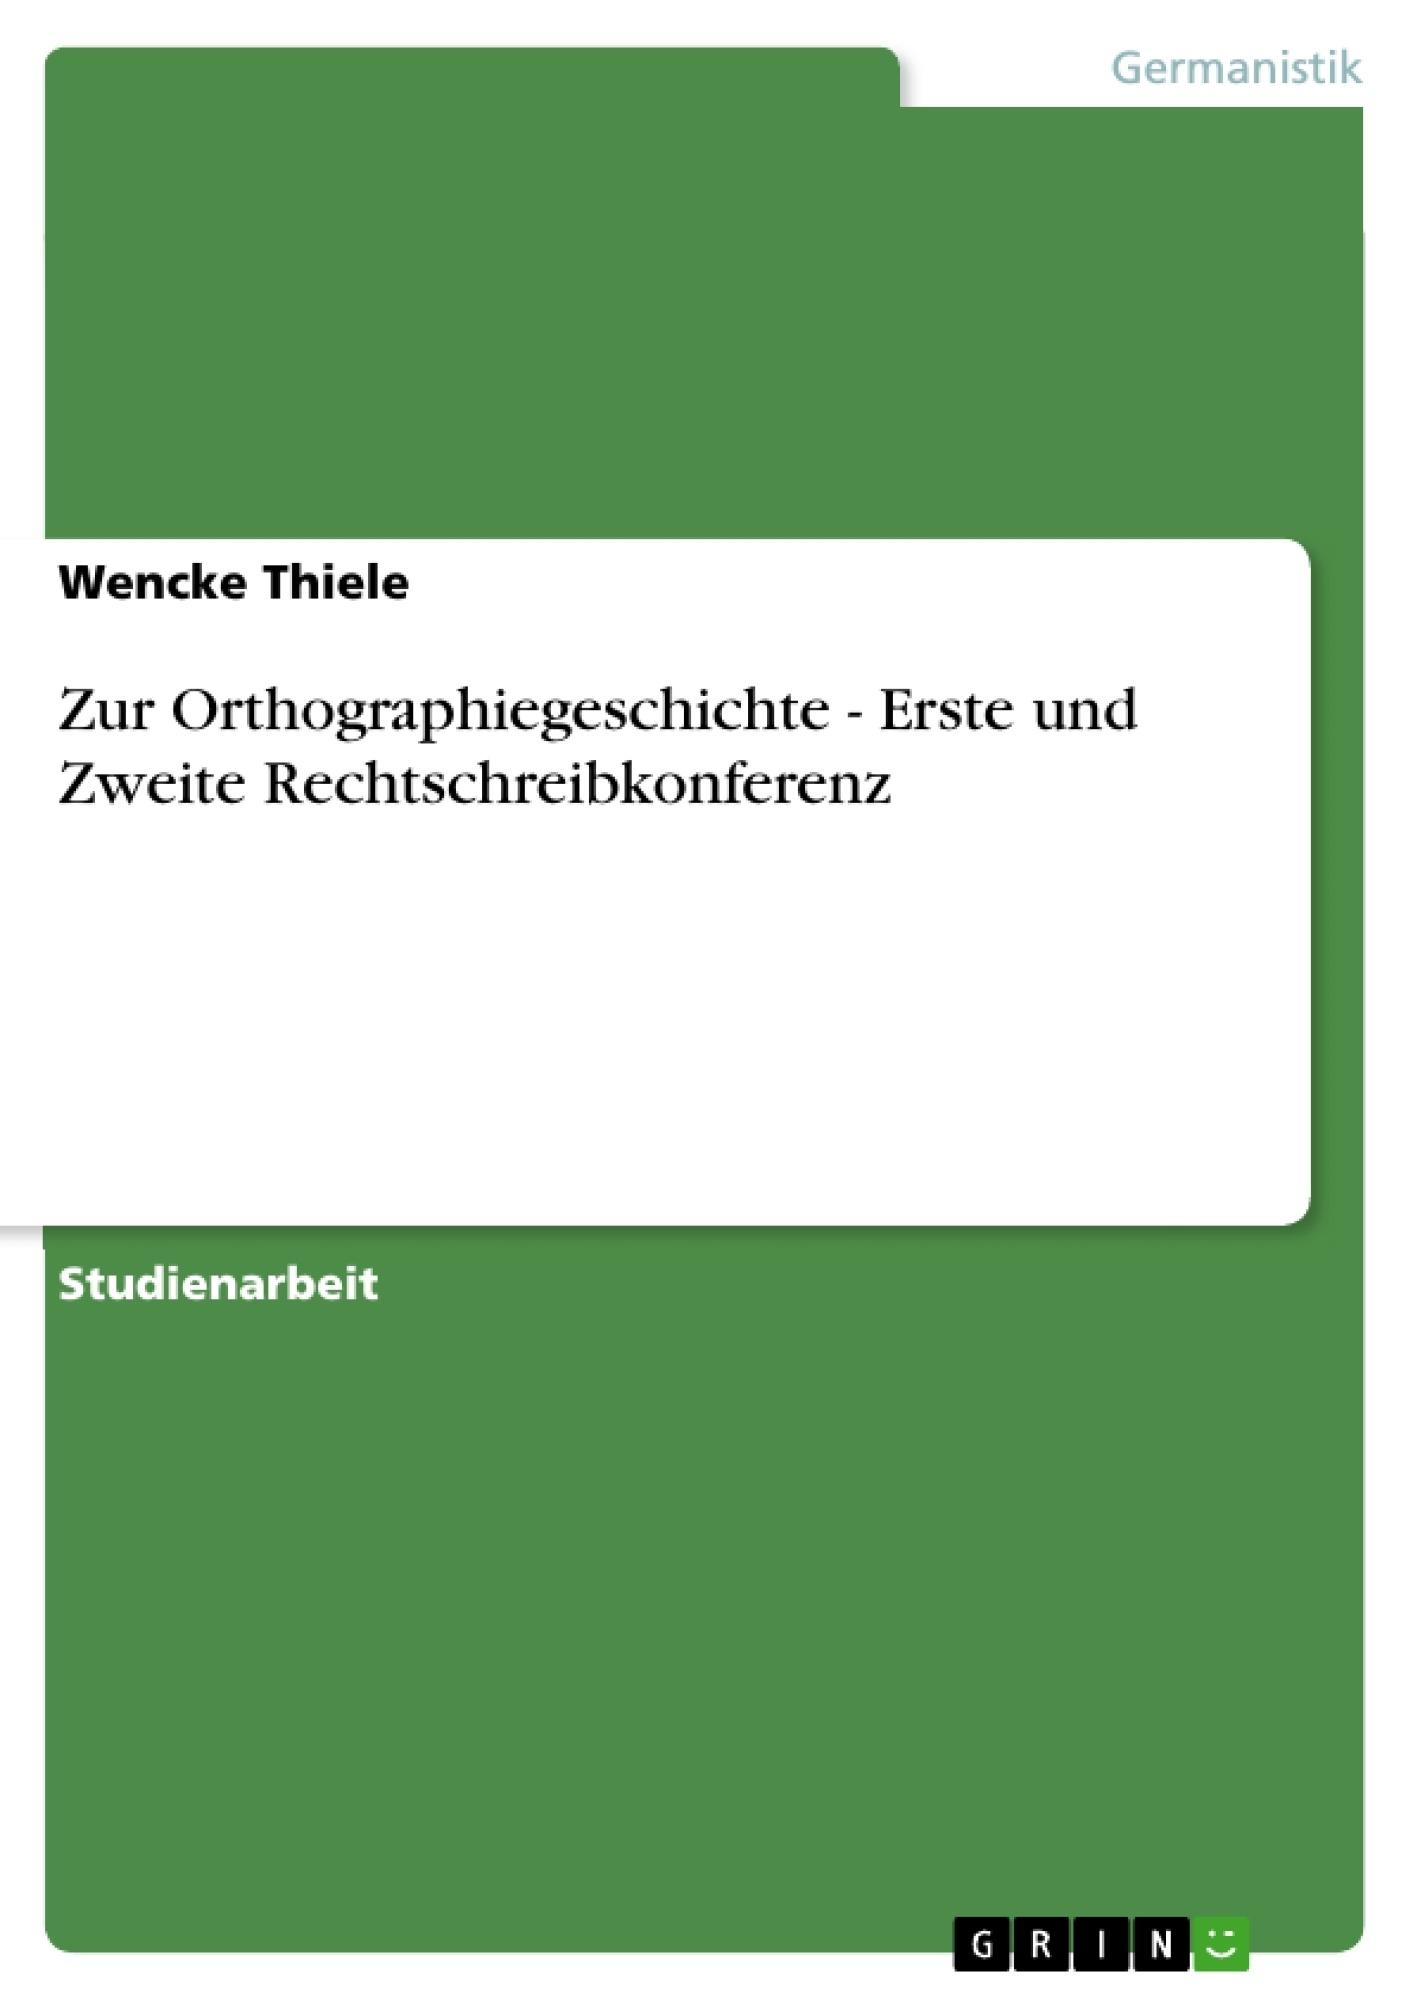 Titel: Zur Orthographiegeschichte - Erste und Zweite Rechtschreibkonferenz